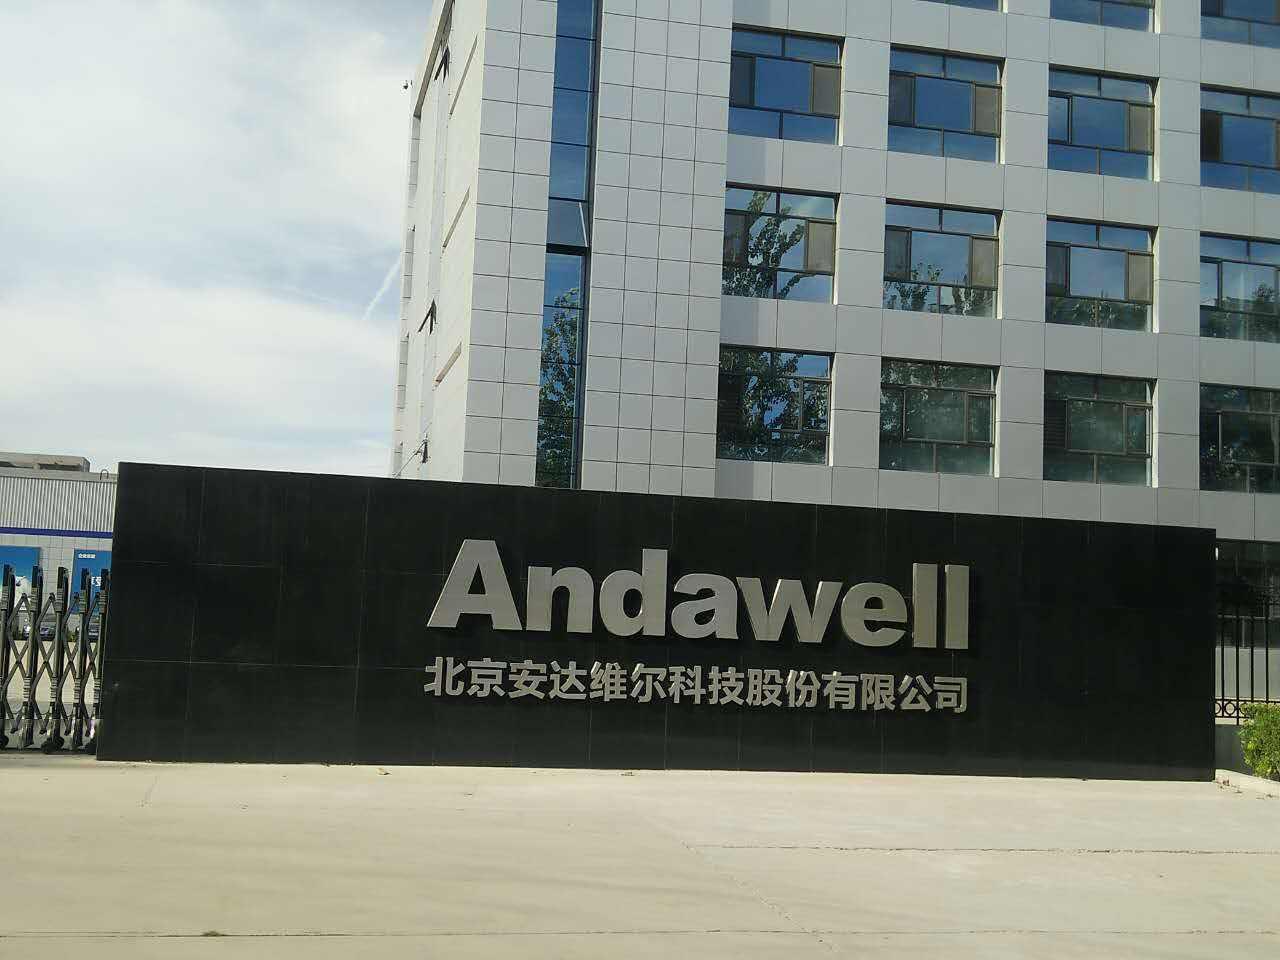 安达维尔应收账款3.4亿增89% 连续6季度现金流为负盈利质量堪忧